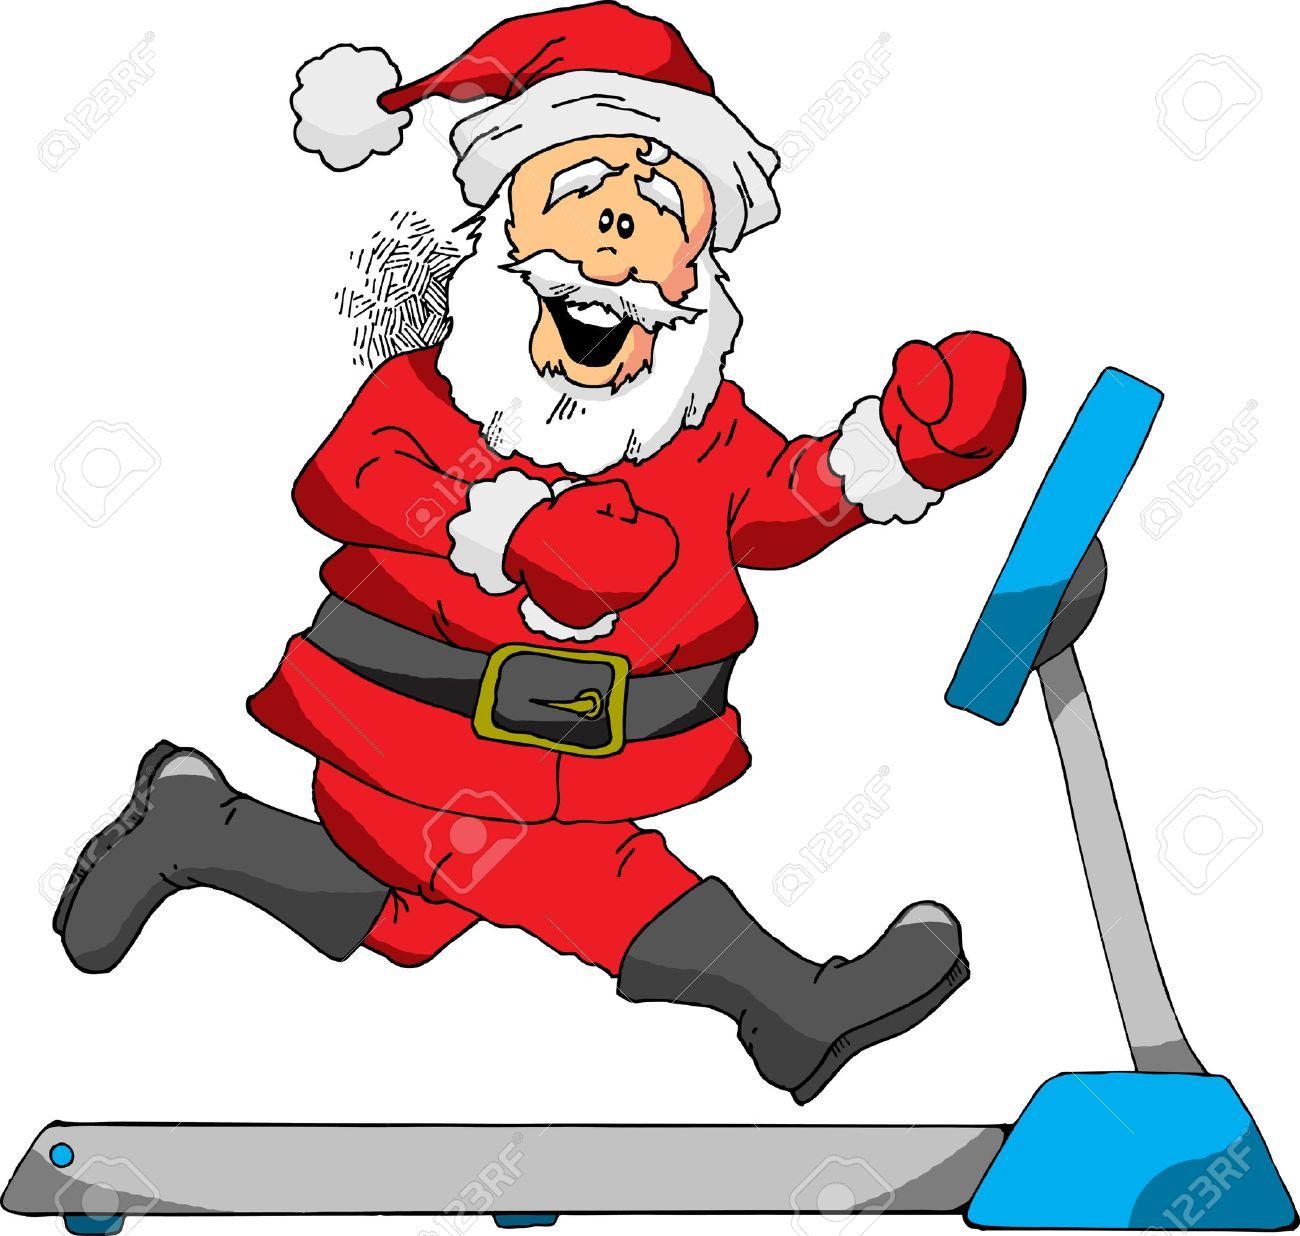 Santa exercising clipart 6 » Clipart Portal.